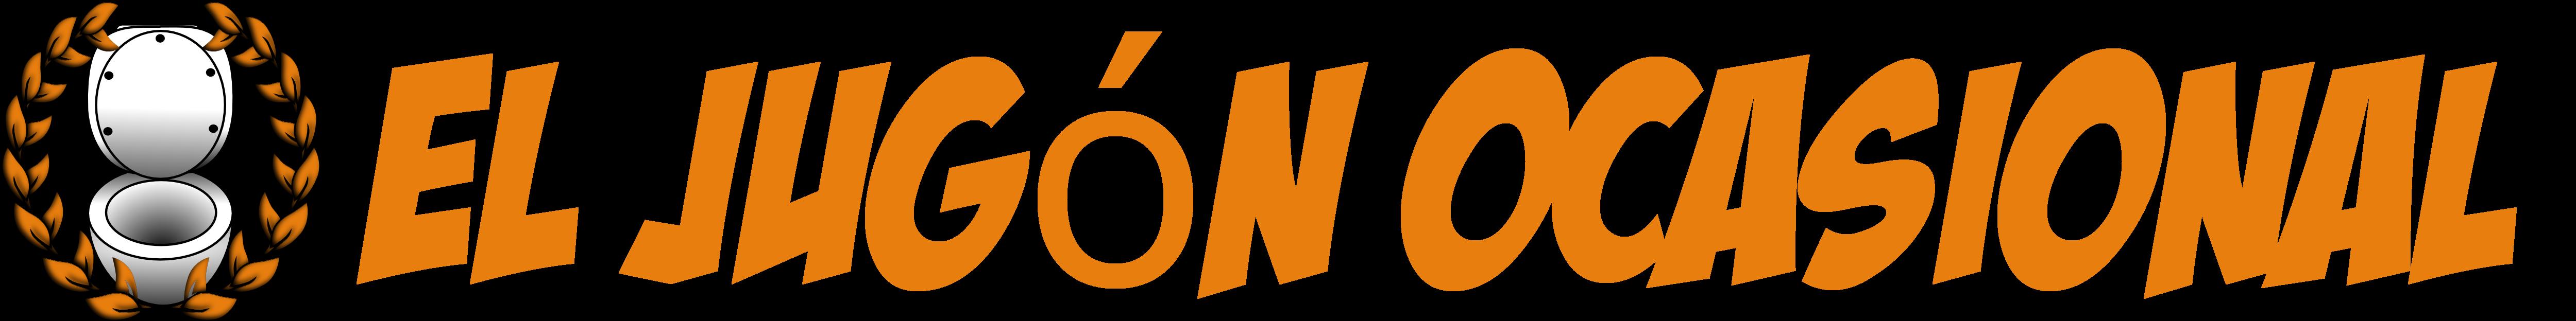 El Jugón Ocasional